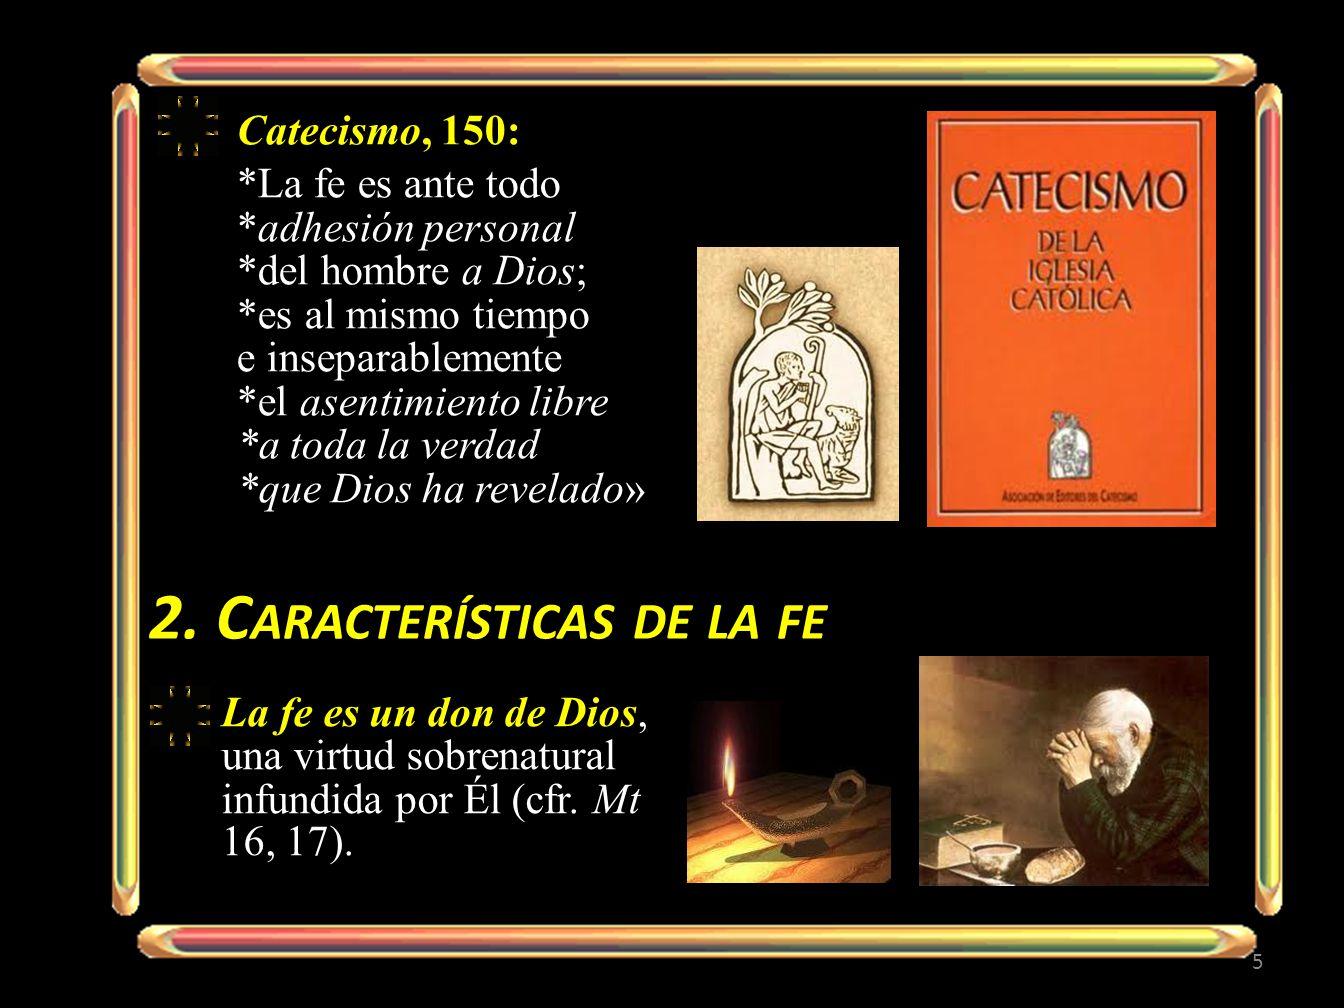 2. Características de la fe